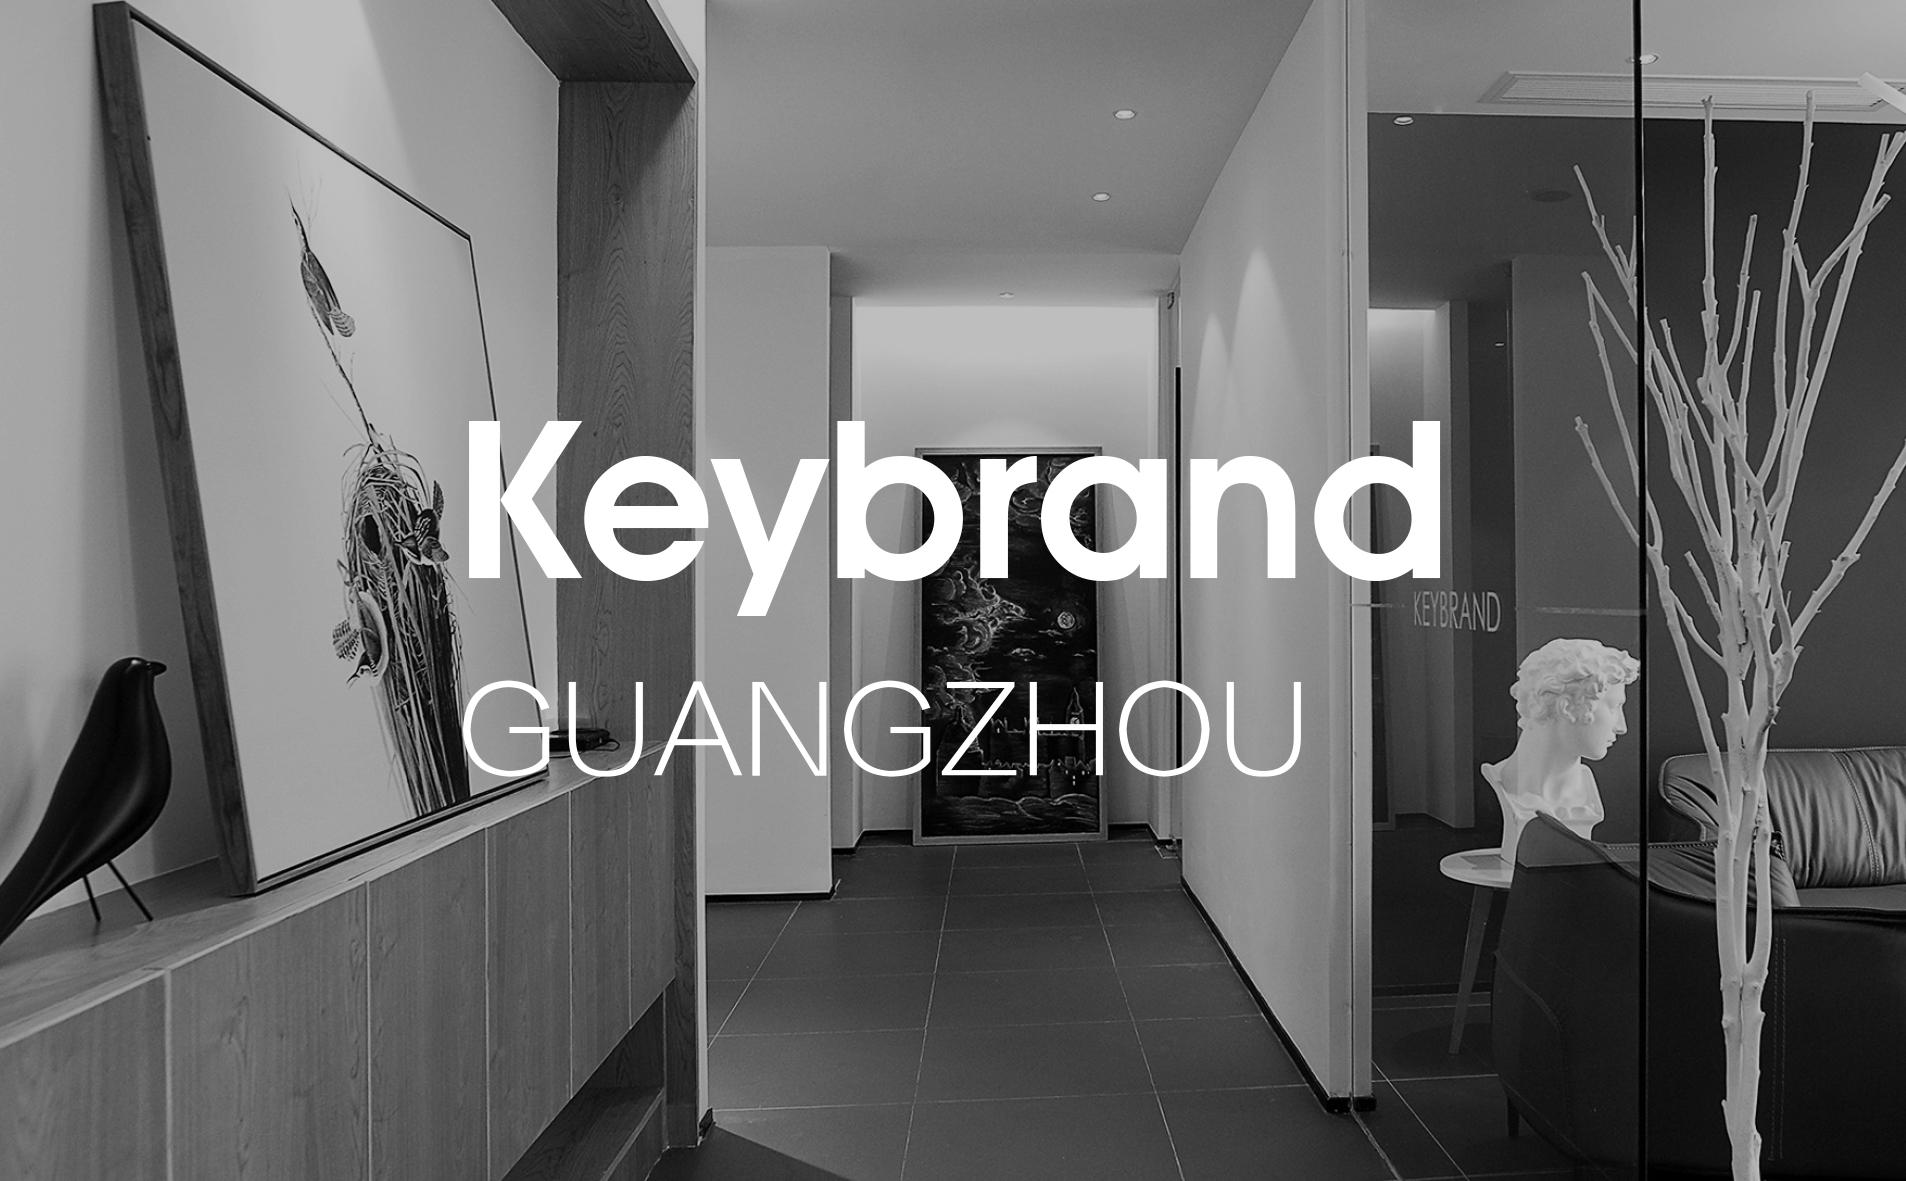 广州vi设计_logo设计_品牌设计_[广州亚博|网页登陆入口]